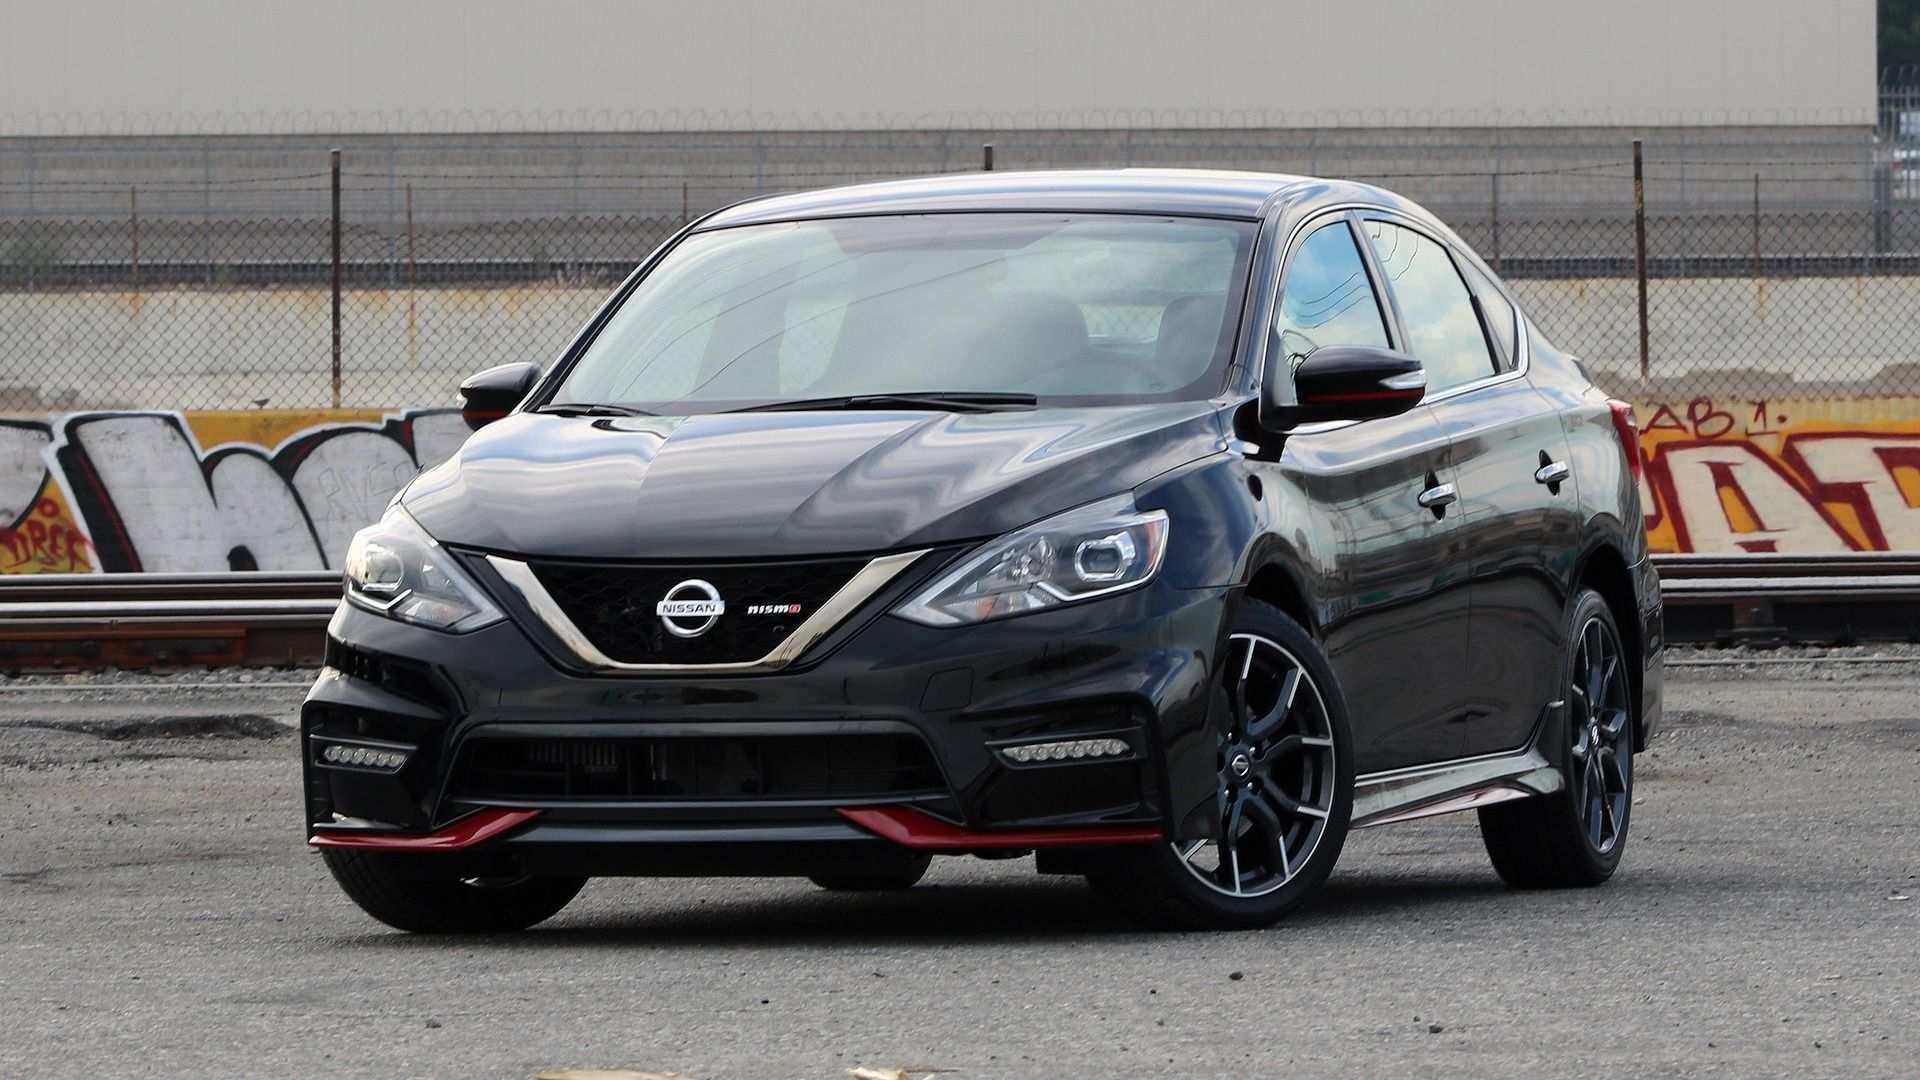 26 Concept of New Cuando Salen Los Nissan 2019 Specs Exterior and Interior by New Cuando Salen Los Nissan 2019 Specs